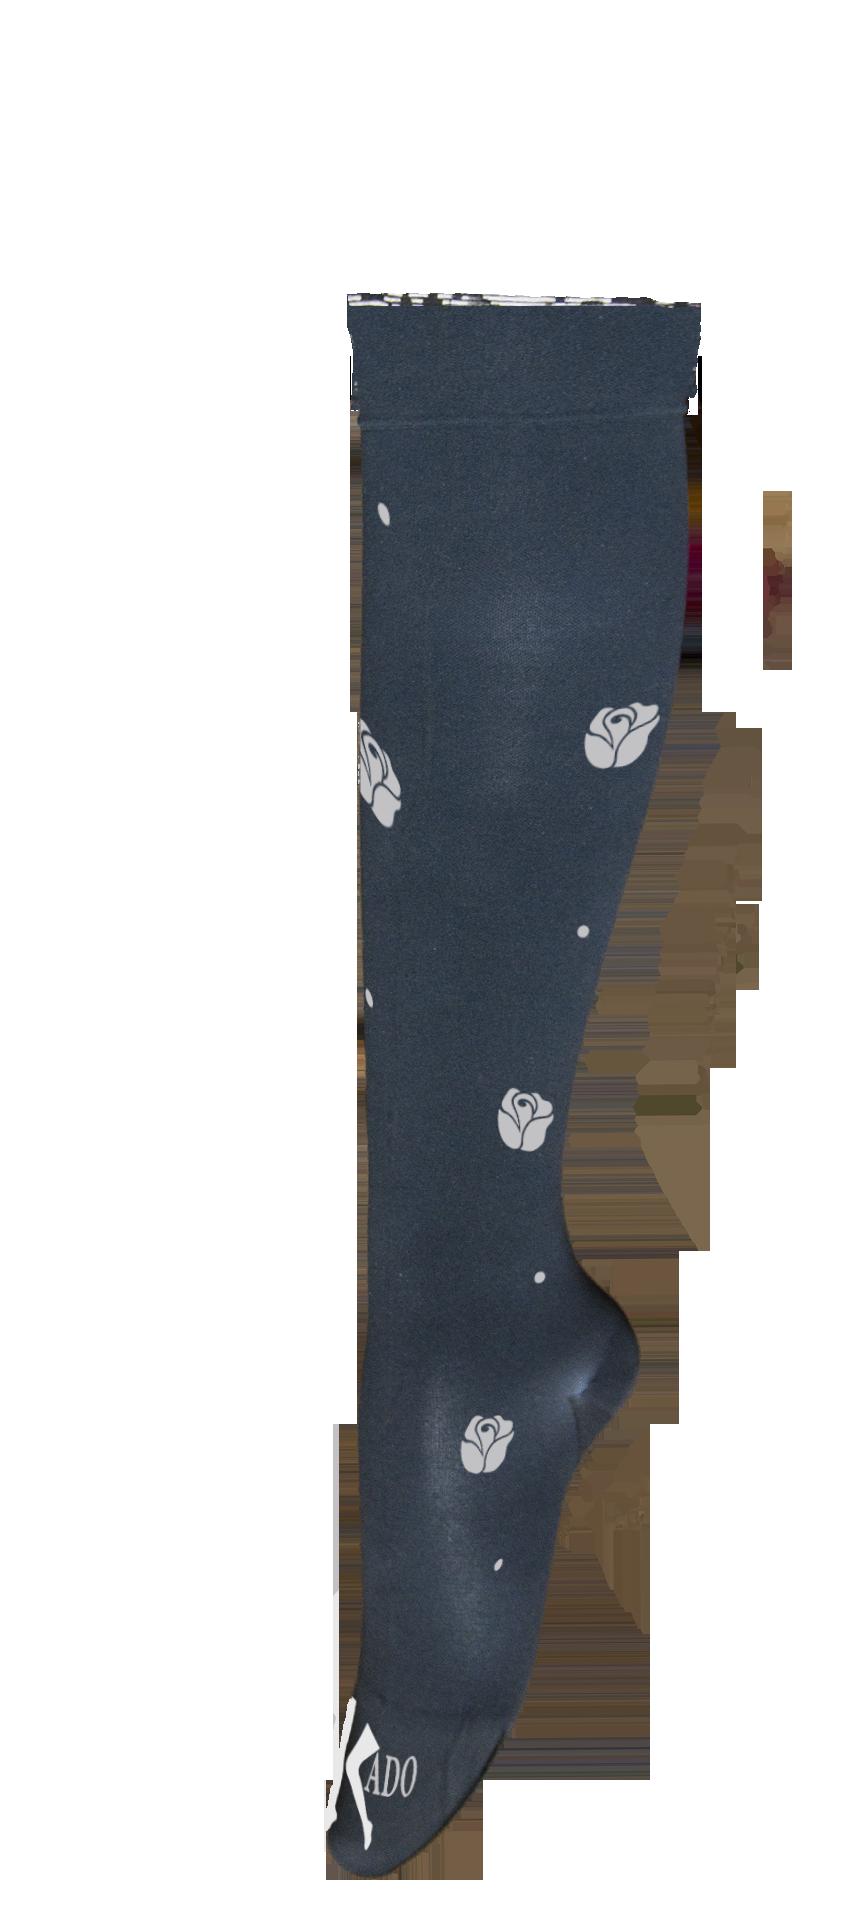 motif sur chaussette Noir Petites roses et poids